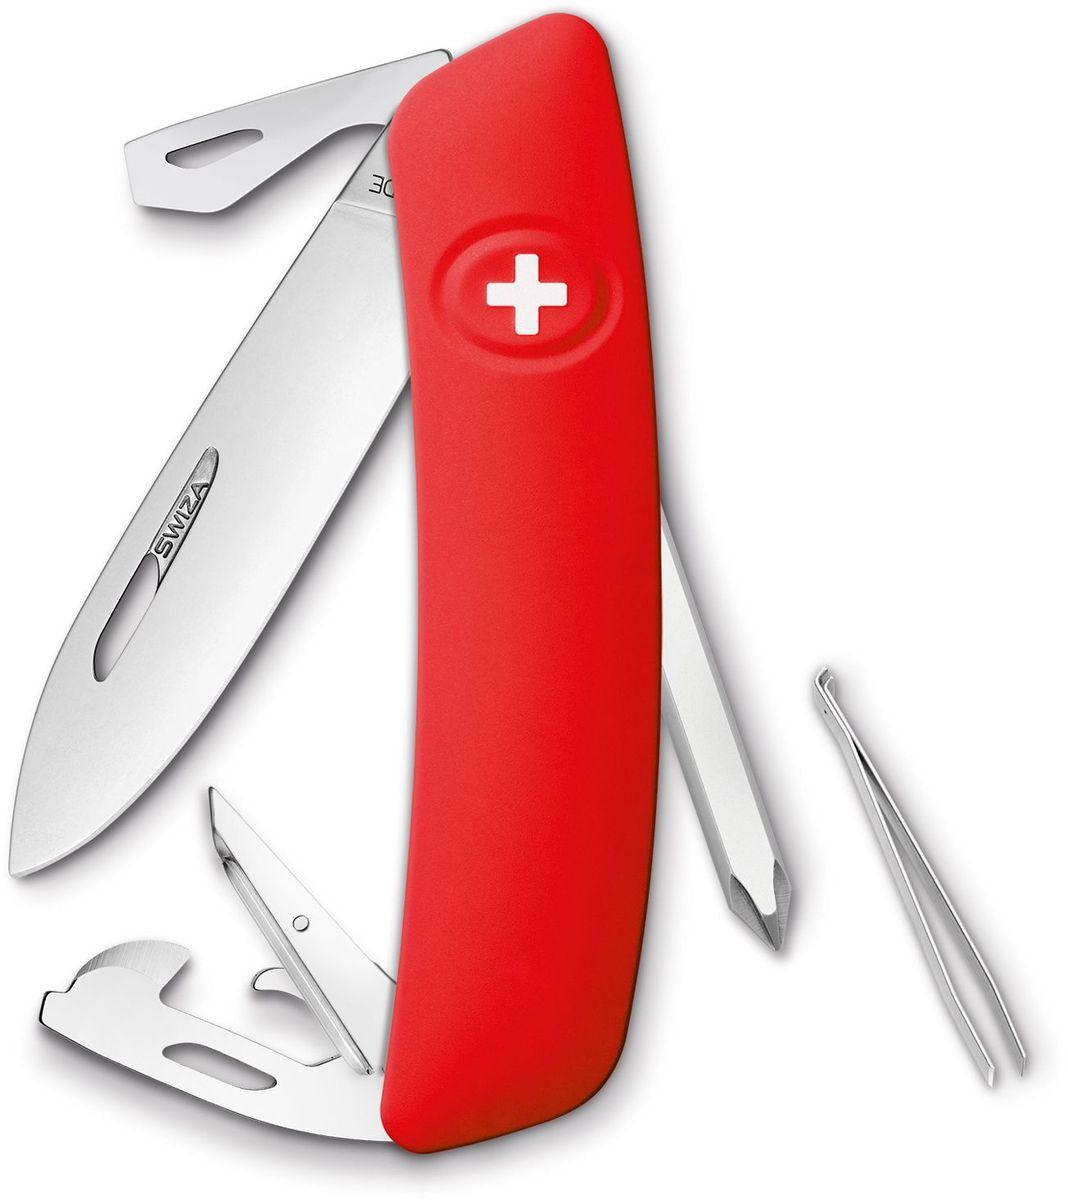 Нож швейцарский SWIZA D04, цвет: красный, длина клинка 7,5 смKNI.0040.1000Швейцарский нож (SWIZA D04) с его революционной формой и безопасной рукояткой, легко раскладываемой ручкой - самый удобный и простой в использовании швейцарский нож на все времена. Эргономично изогнутая форма ножа обеспечивает более легкий доступ к инструментам, а пазы позволяют легко их открывать, как левой, так и правой рукой. 1. нож перочинный, 2. отвертка Phillips , 3. ример/дырокол 4. шило, 5. безопасная блокировка лезвий, 6. пинцет 7. консервный нож, 8 Wire Bender (для проволоки), 9 Отвертка №1, 10. Отвертка №3, 11. Открывалка для бутылок